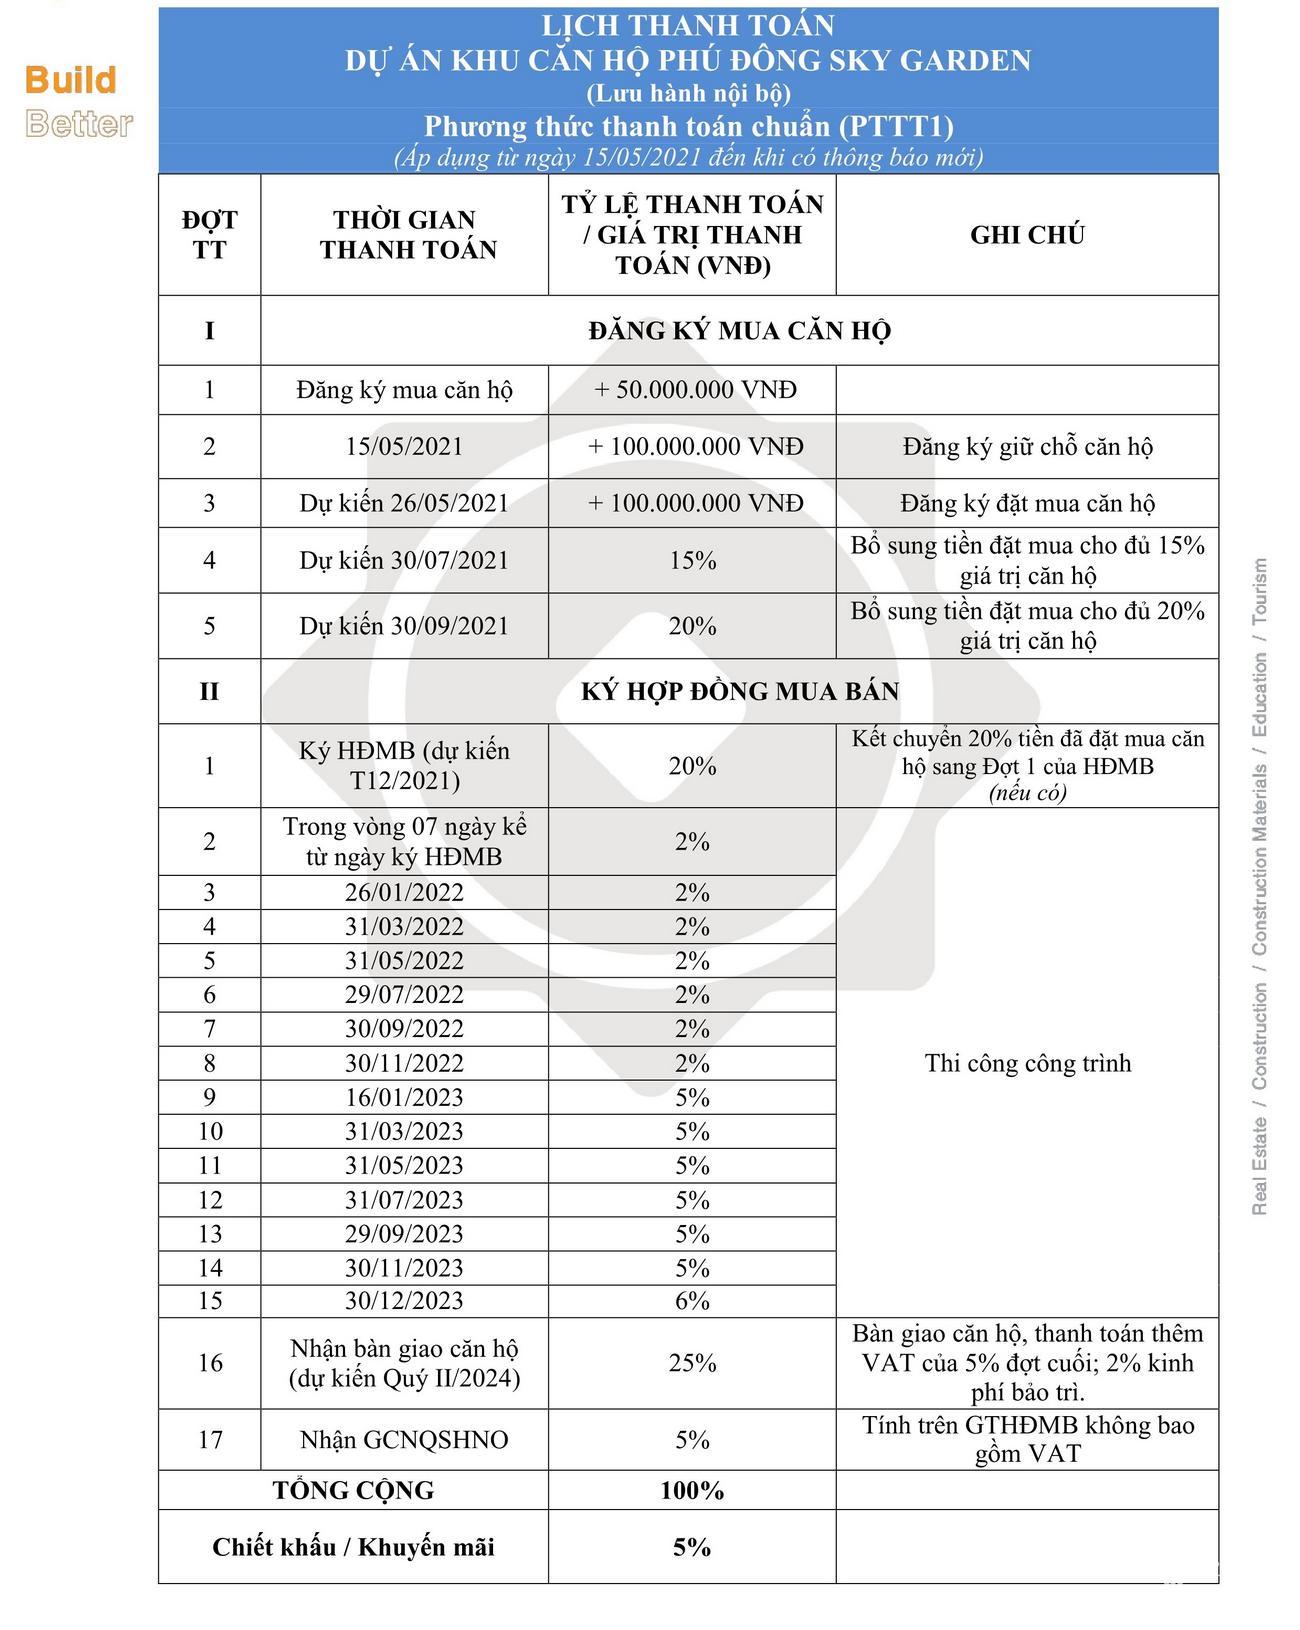 Phương thức thanh toán dự án Phú Đông Sky Garden